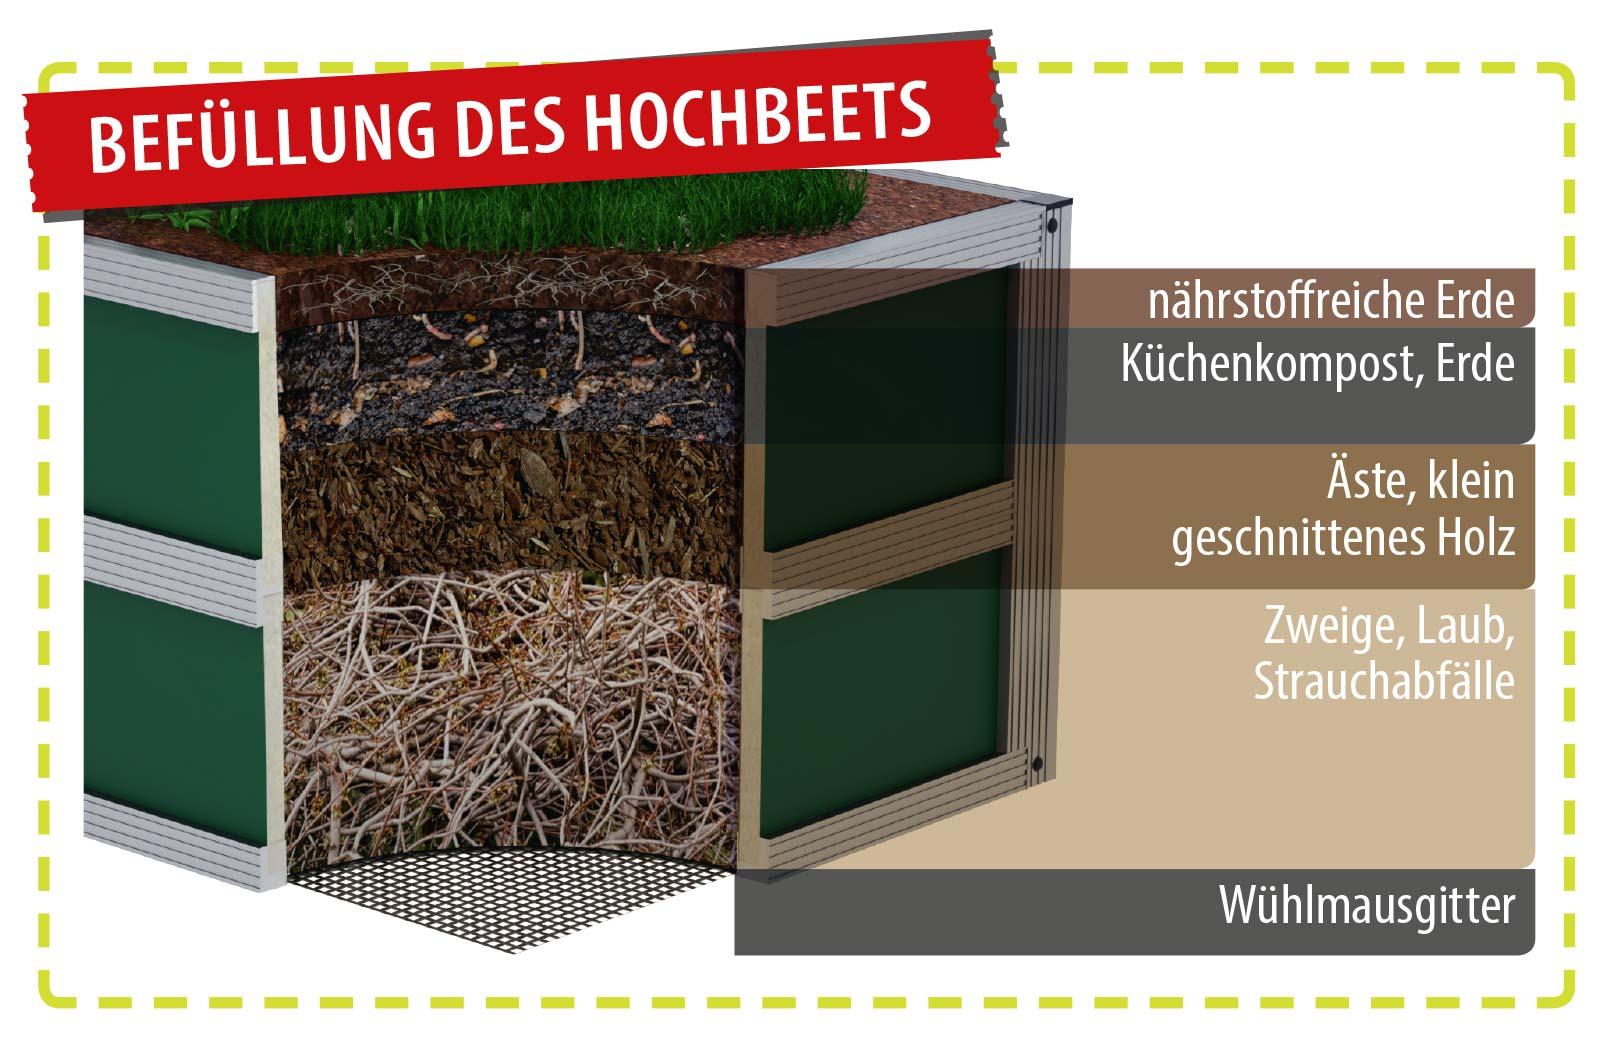 Hochbeetbef%C3%BCllung im Schichtsystem - WAMA Hochbeet-Gewächshaus Mini 100 mit einseitigem Hochbeet – 13.08m² <br>(B: 208cm X L: 629cm)